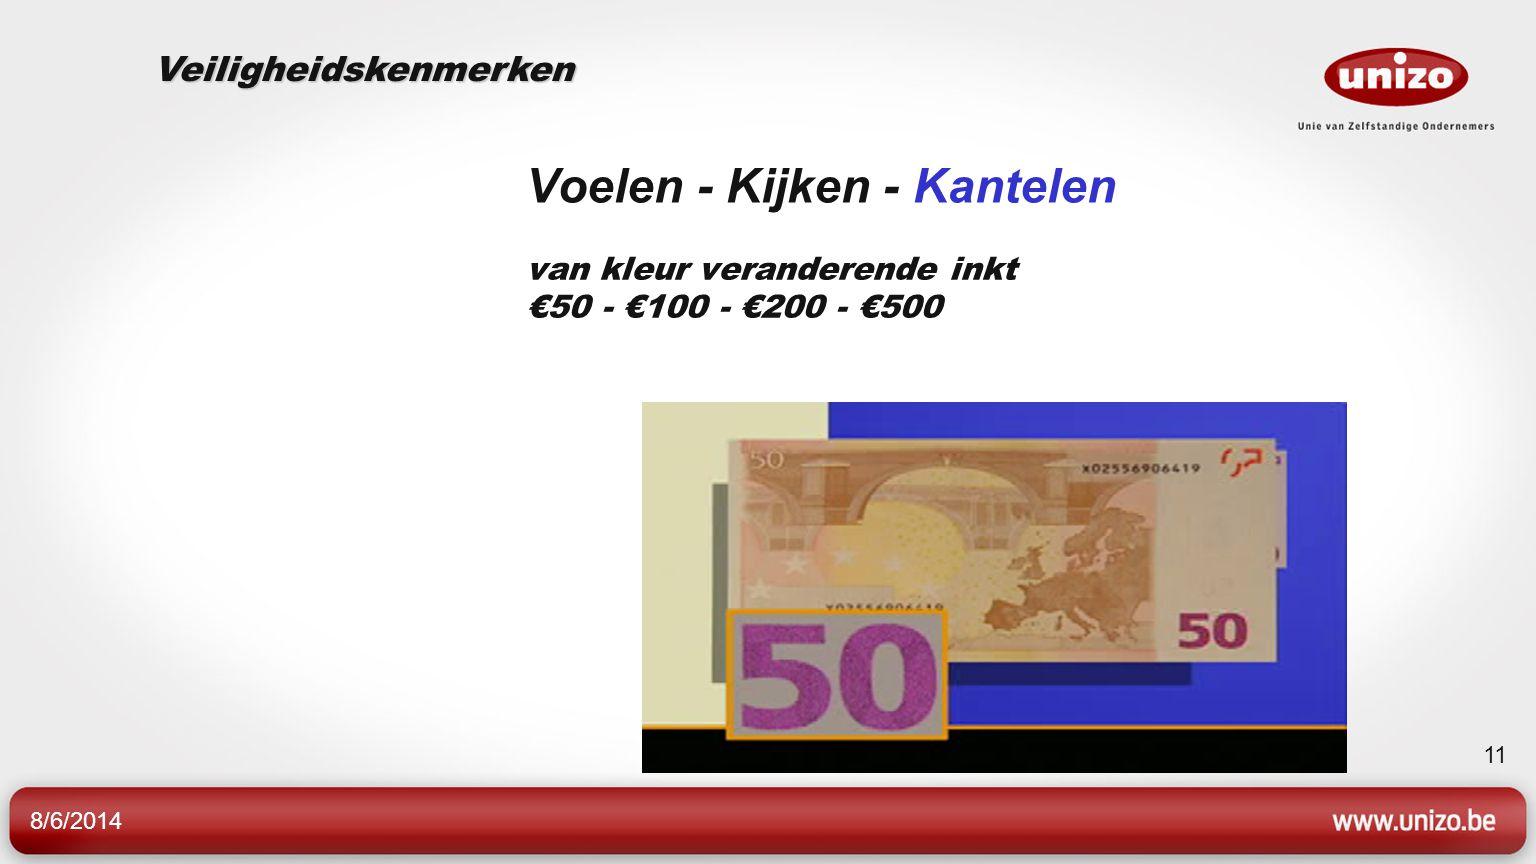 8/6/2014 11 Voelen - Kijken - Kantelen van kleur veranderende inkt €50 - €100 - €200 - €500 Veiligheidskenmerken